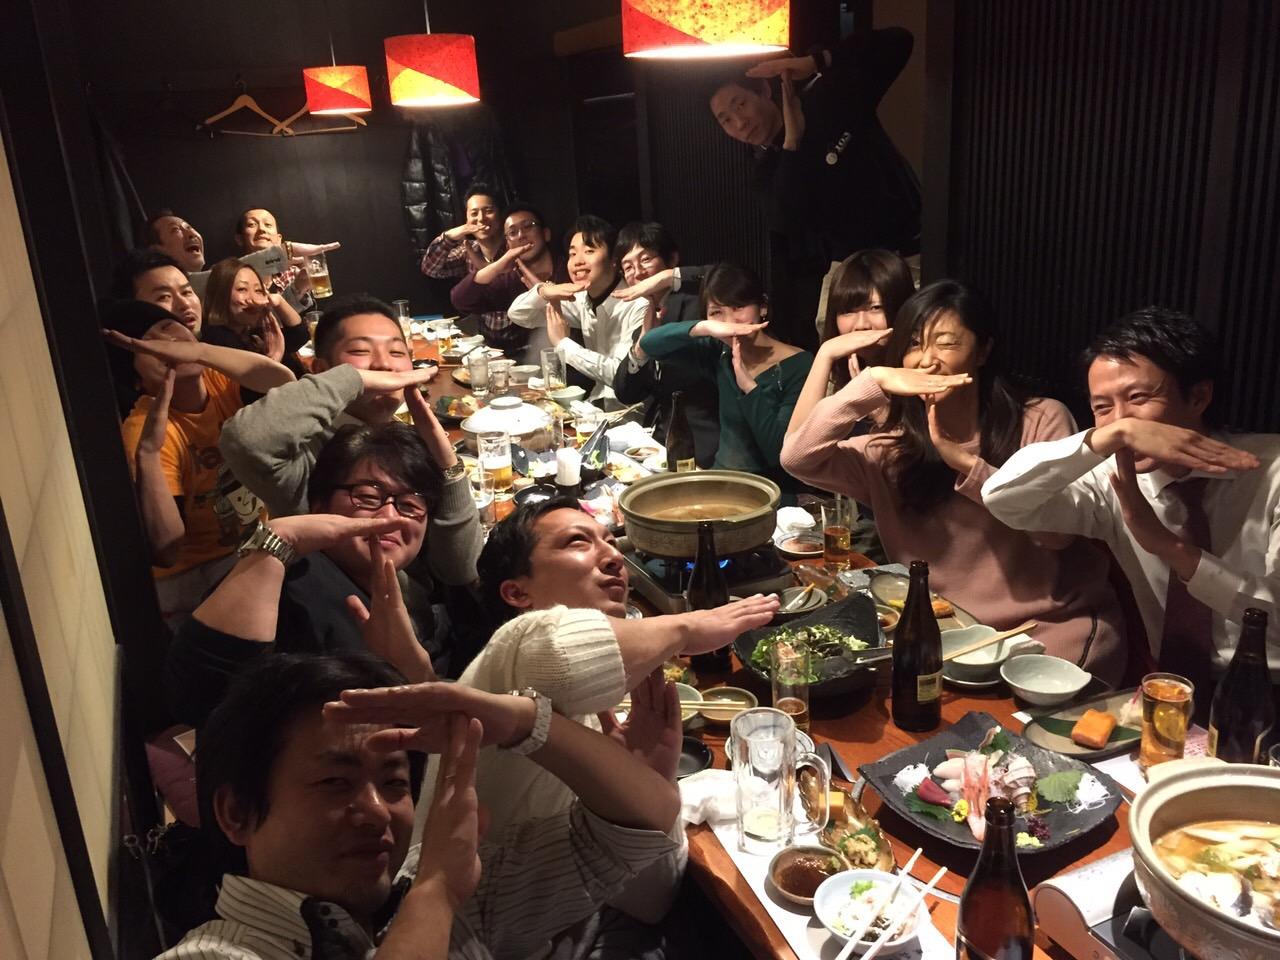 11月30日水曜日のひとログ(。・ω・。) 植東さん卒業!!!今までありがとうございました!_b0127002_1716529.jpg